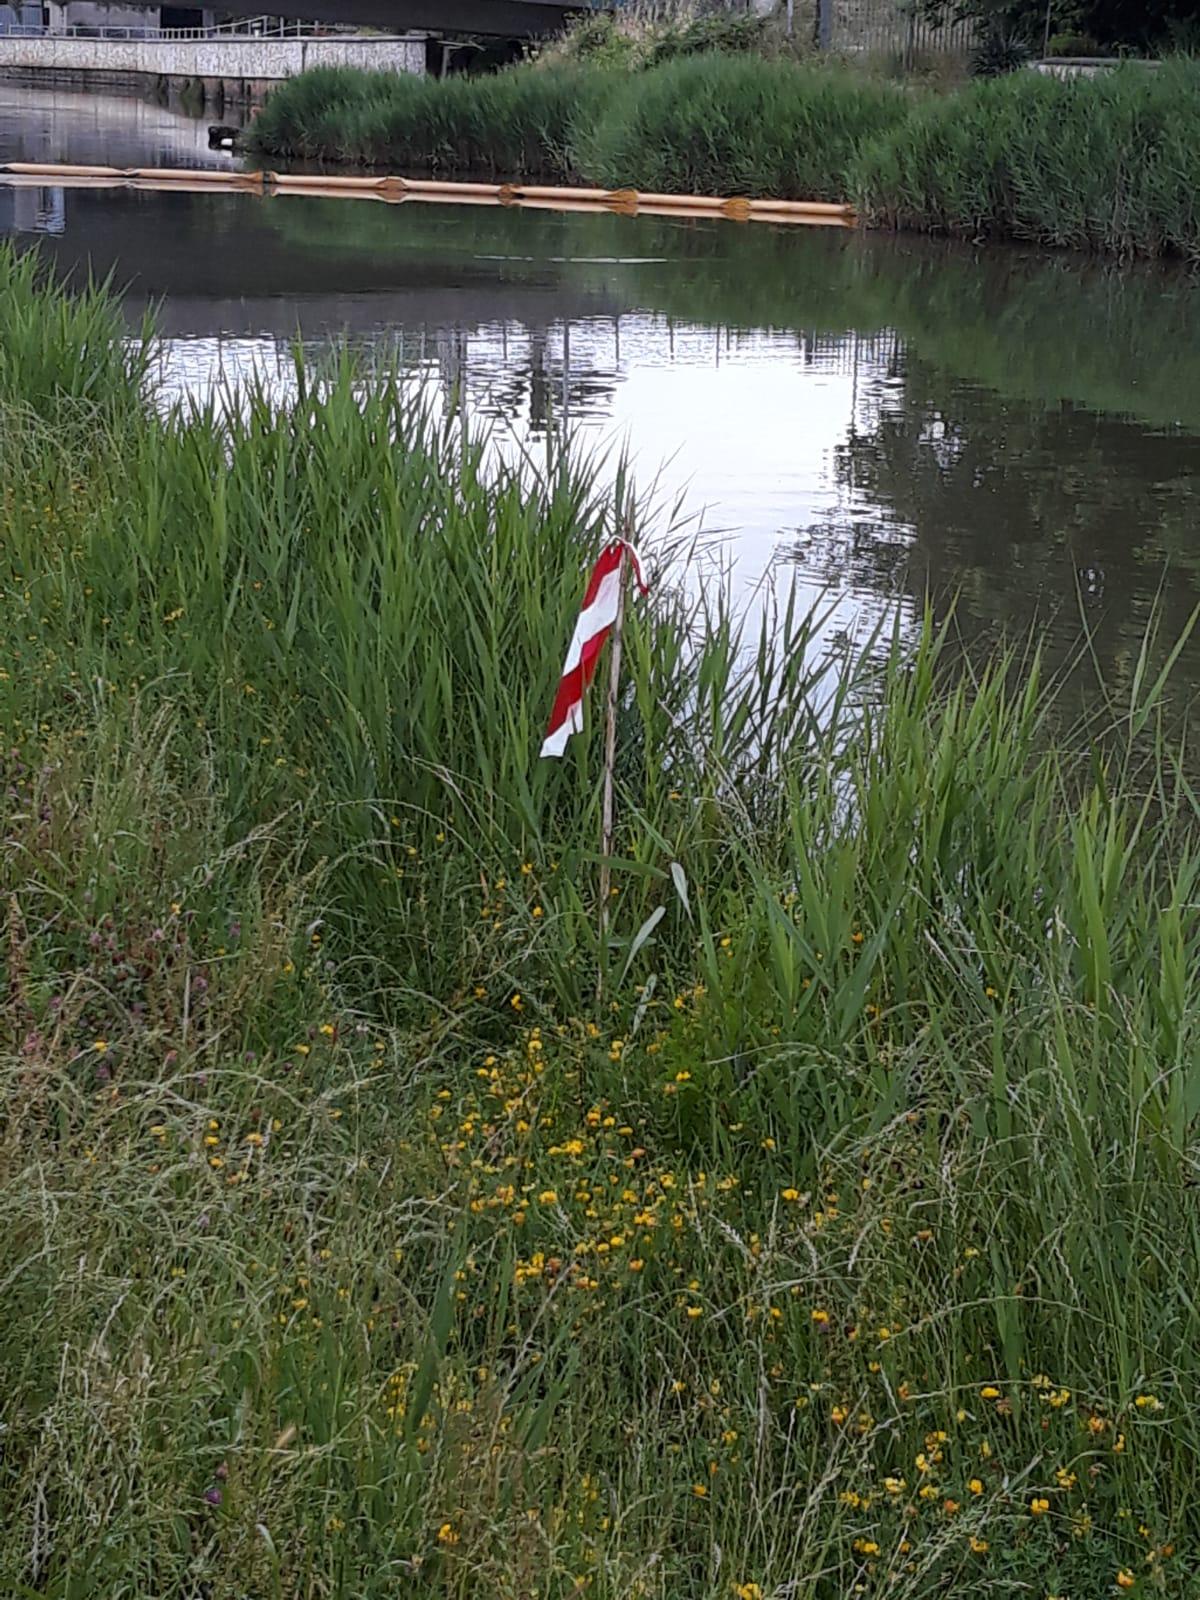 Ogni nido una bandierina rossa. Iniziano le attività di manutenzione dei corsi d'acqua